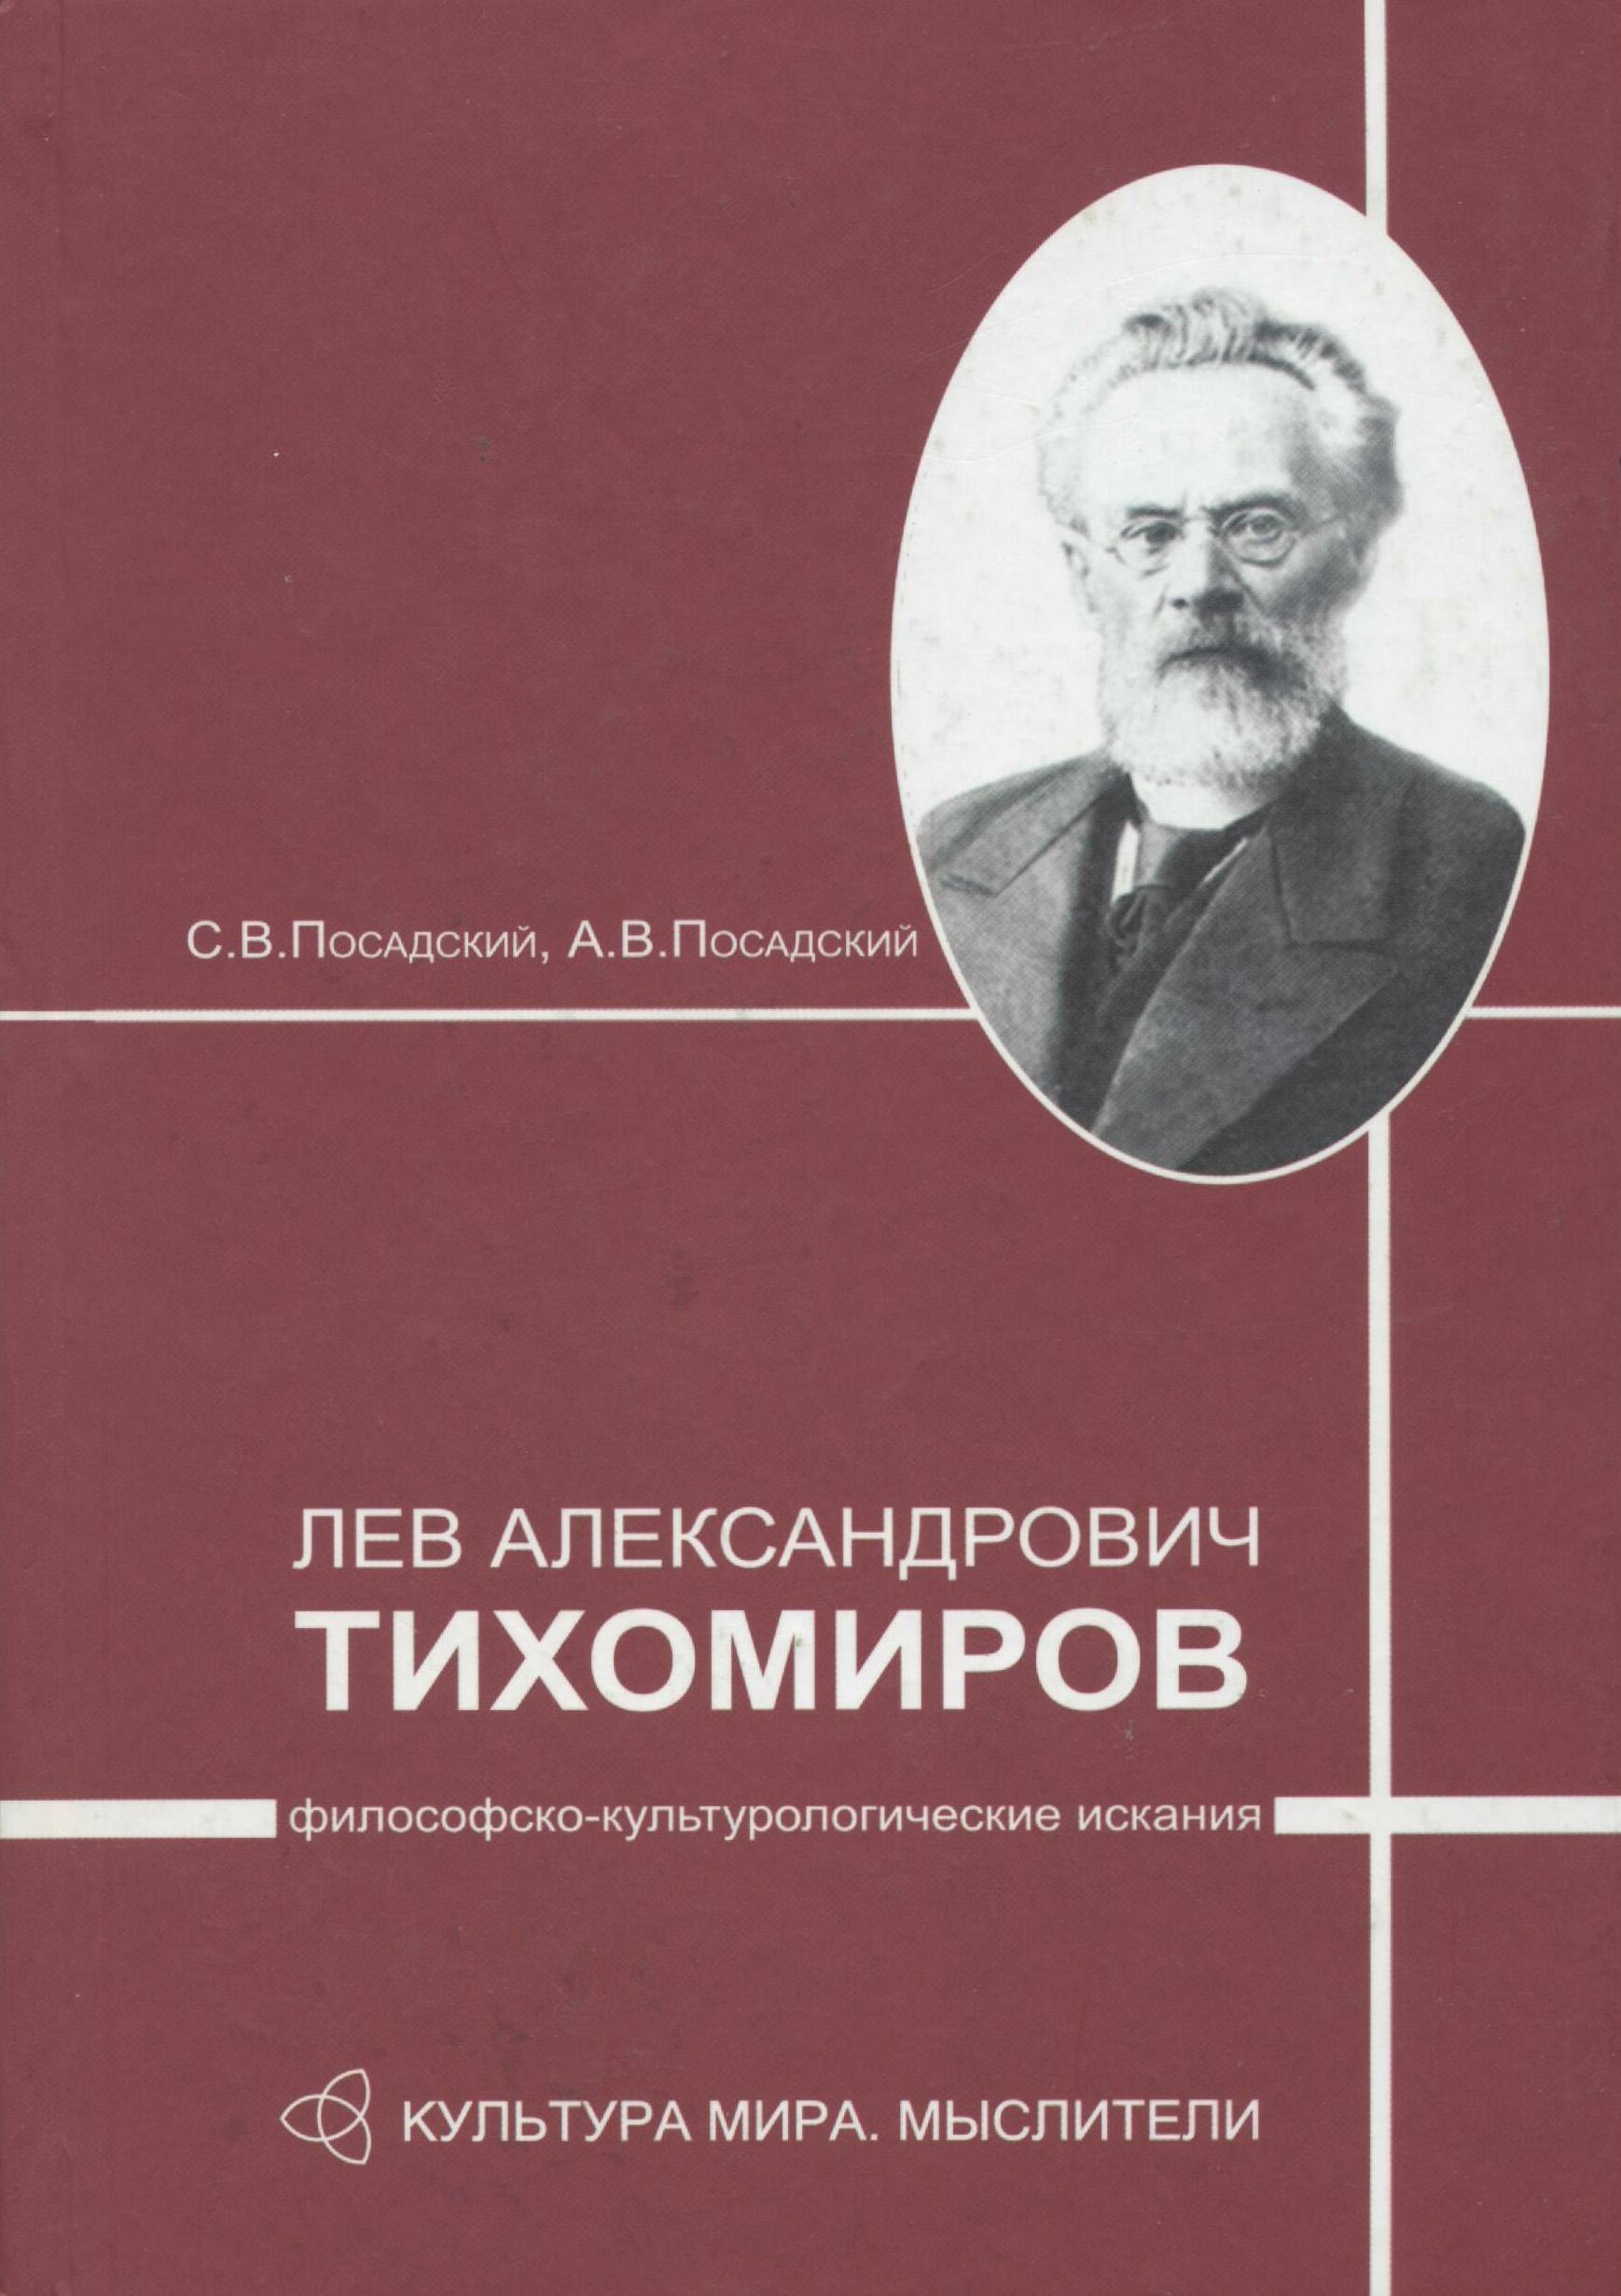 А. В. Посадский Лев Александрович Тихомиров: философско-культурологические искания